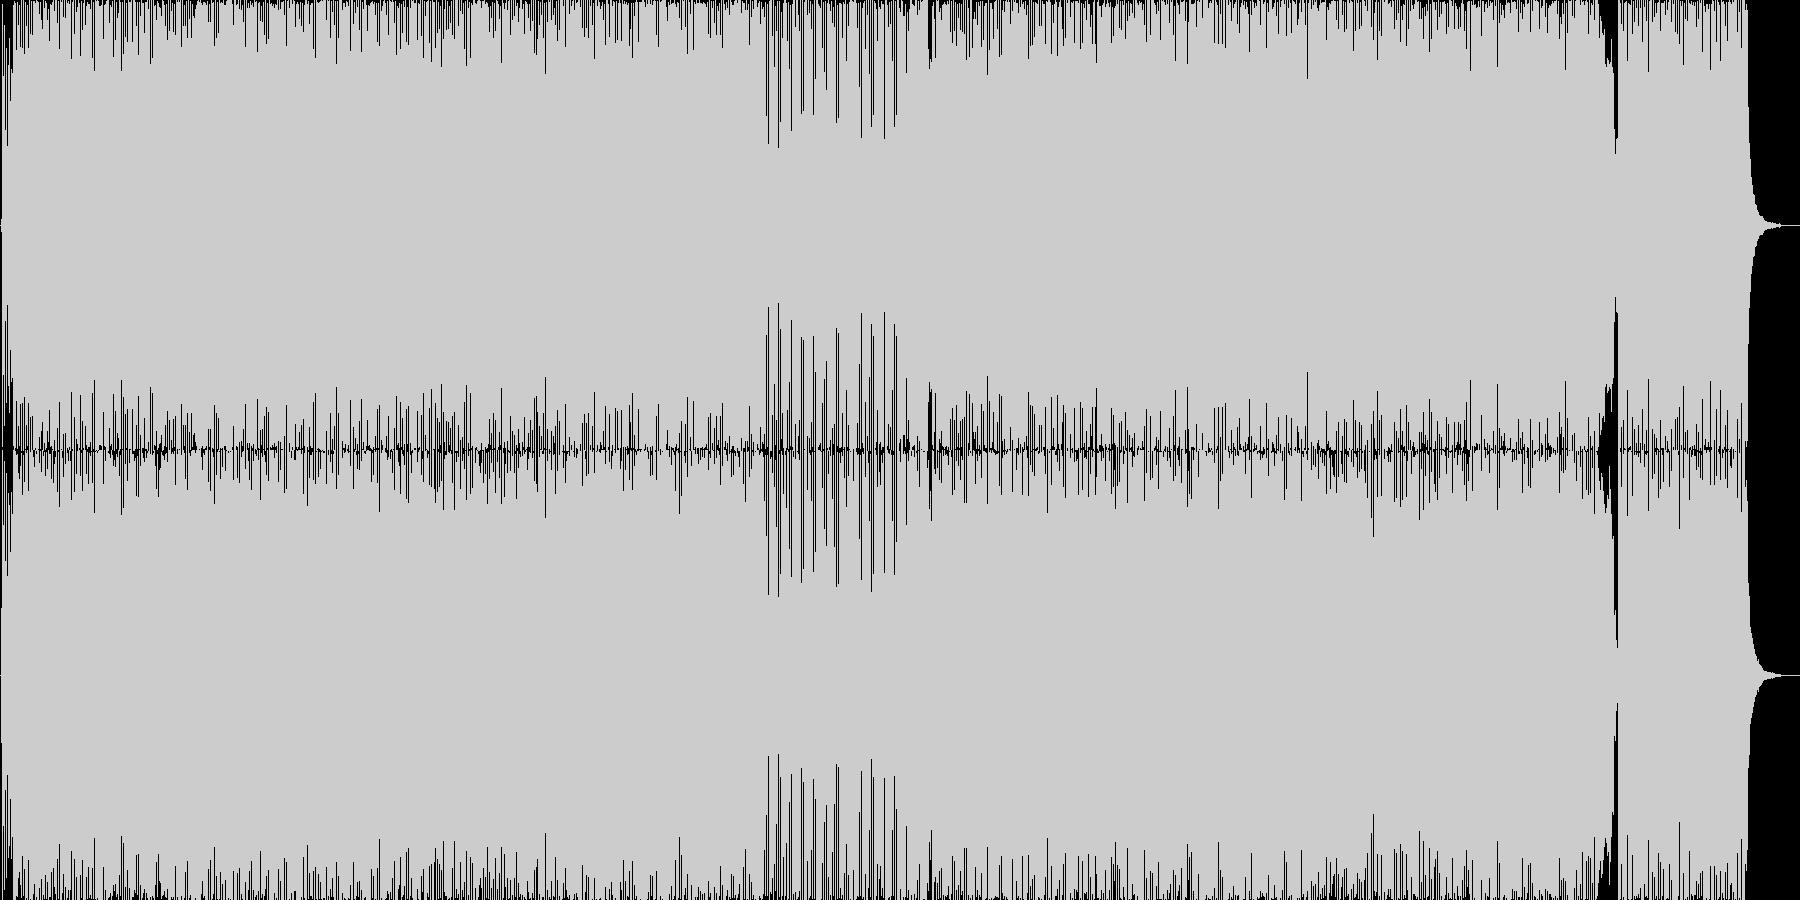 ゲームの戦闘シーン_和風メタル音楽の未再生の波形